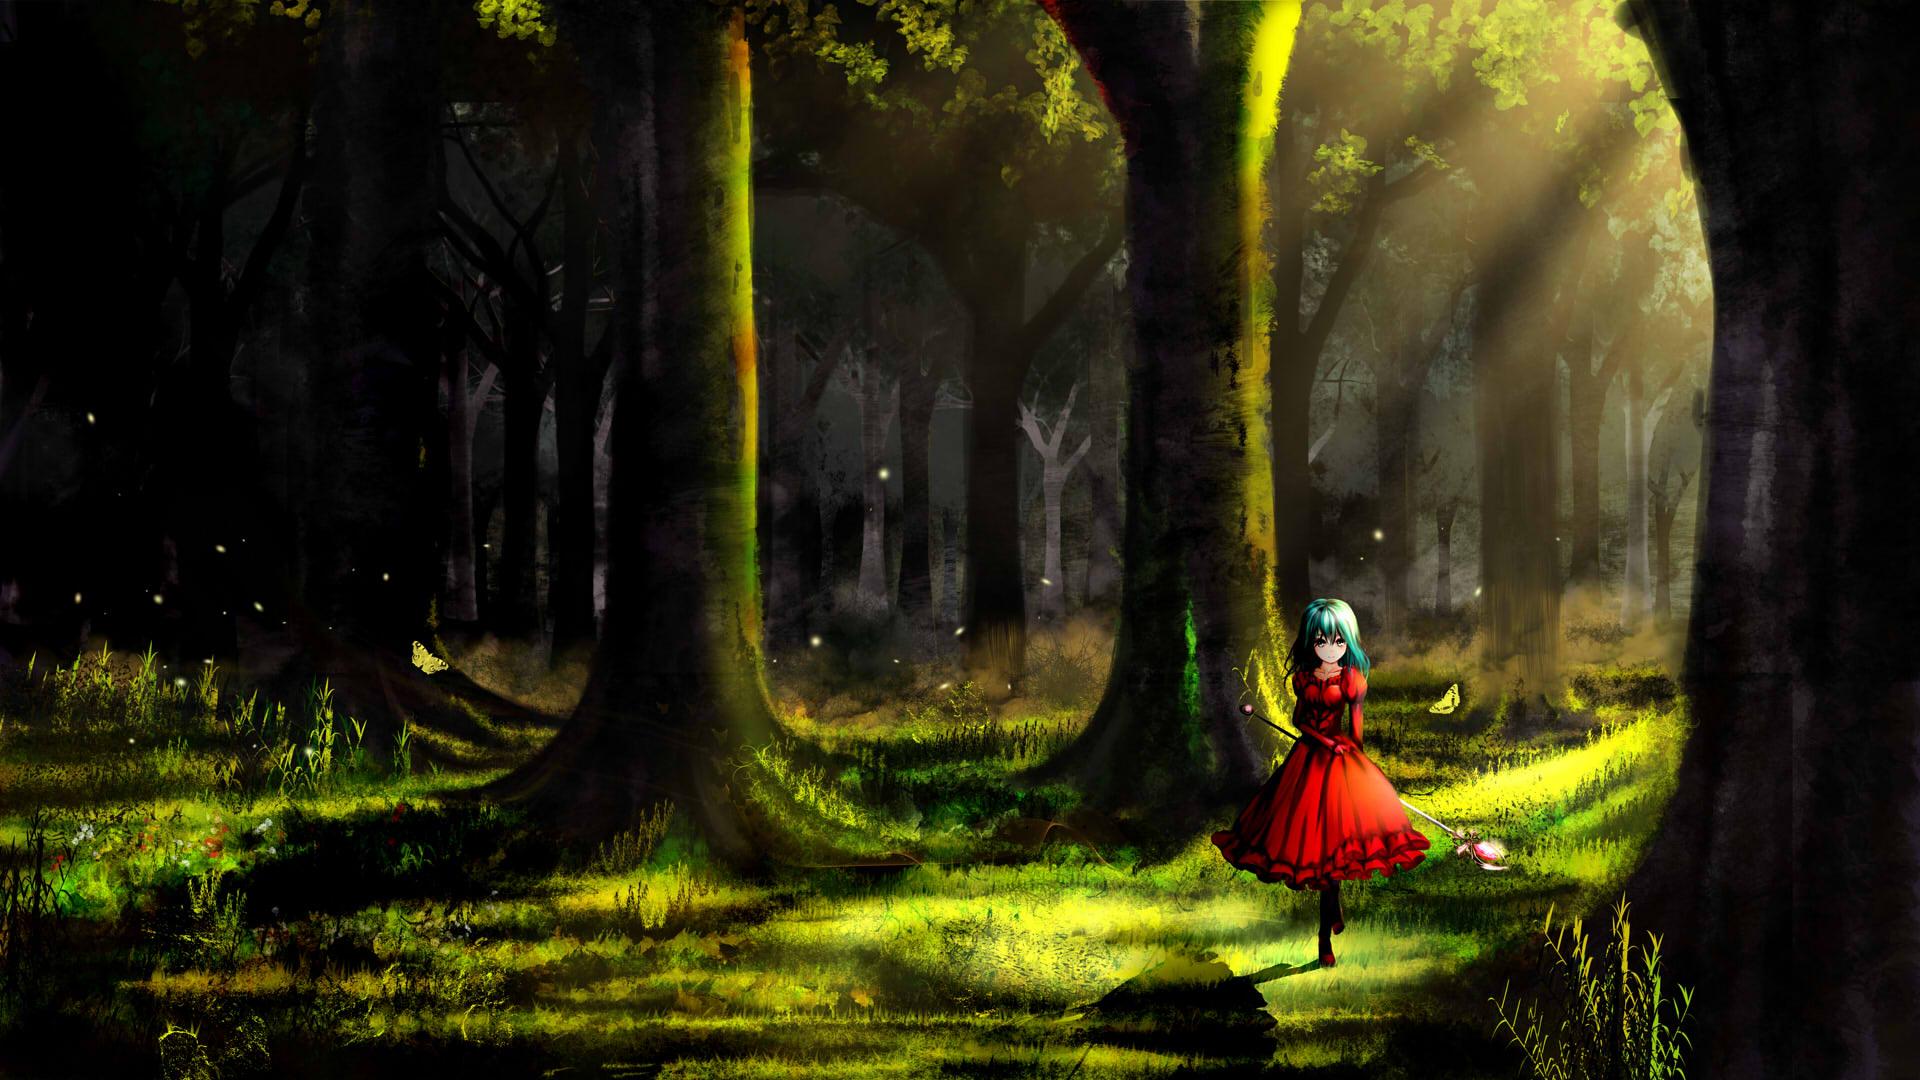 Фото в красном платье в лесу 16 фотография